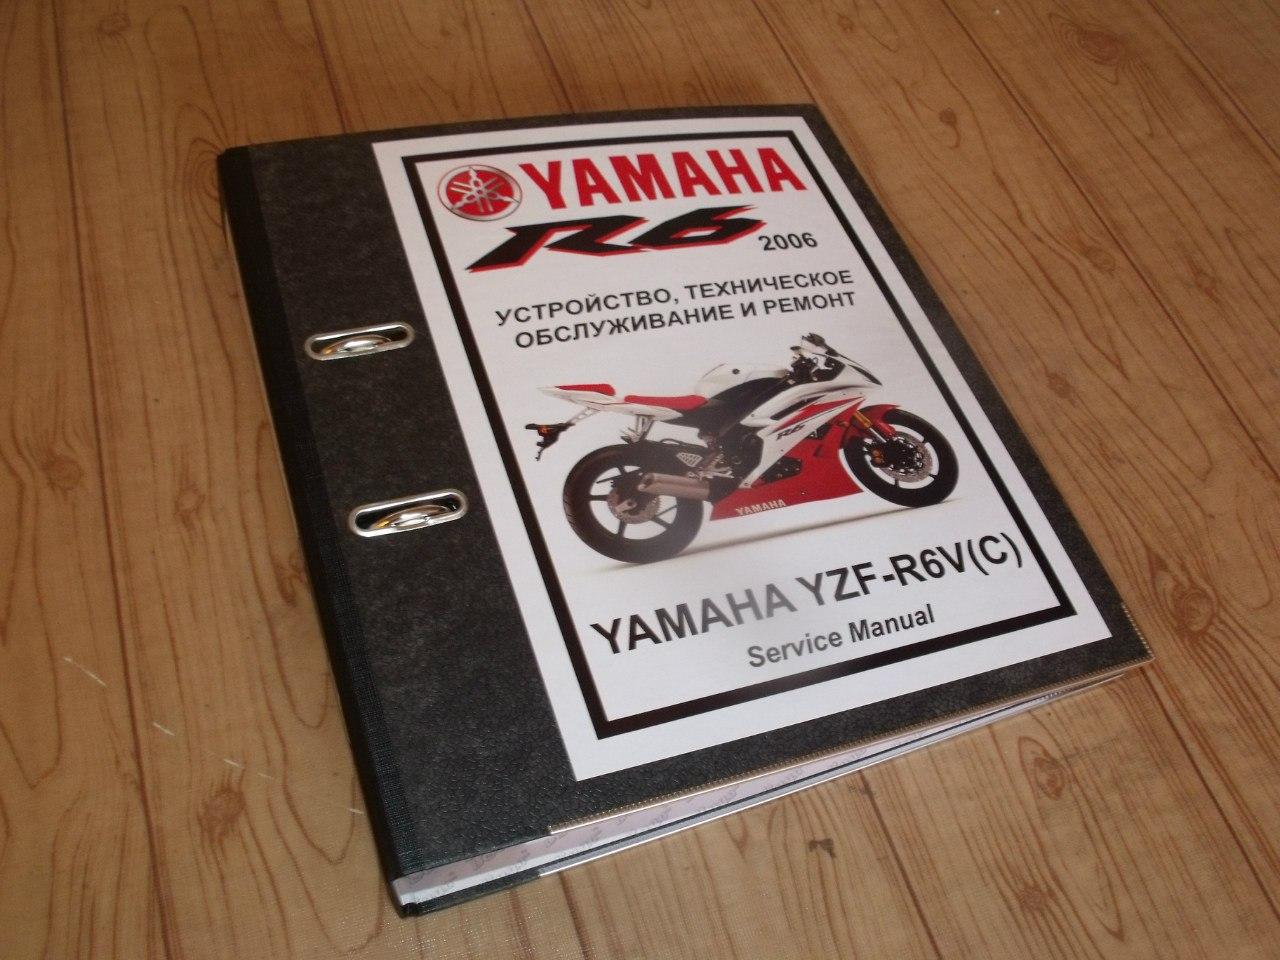 Сервисные мануалы yamaha r6 2001 г